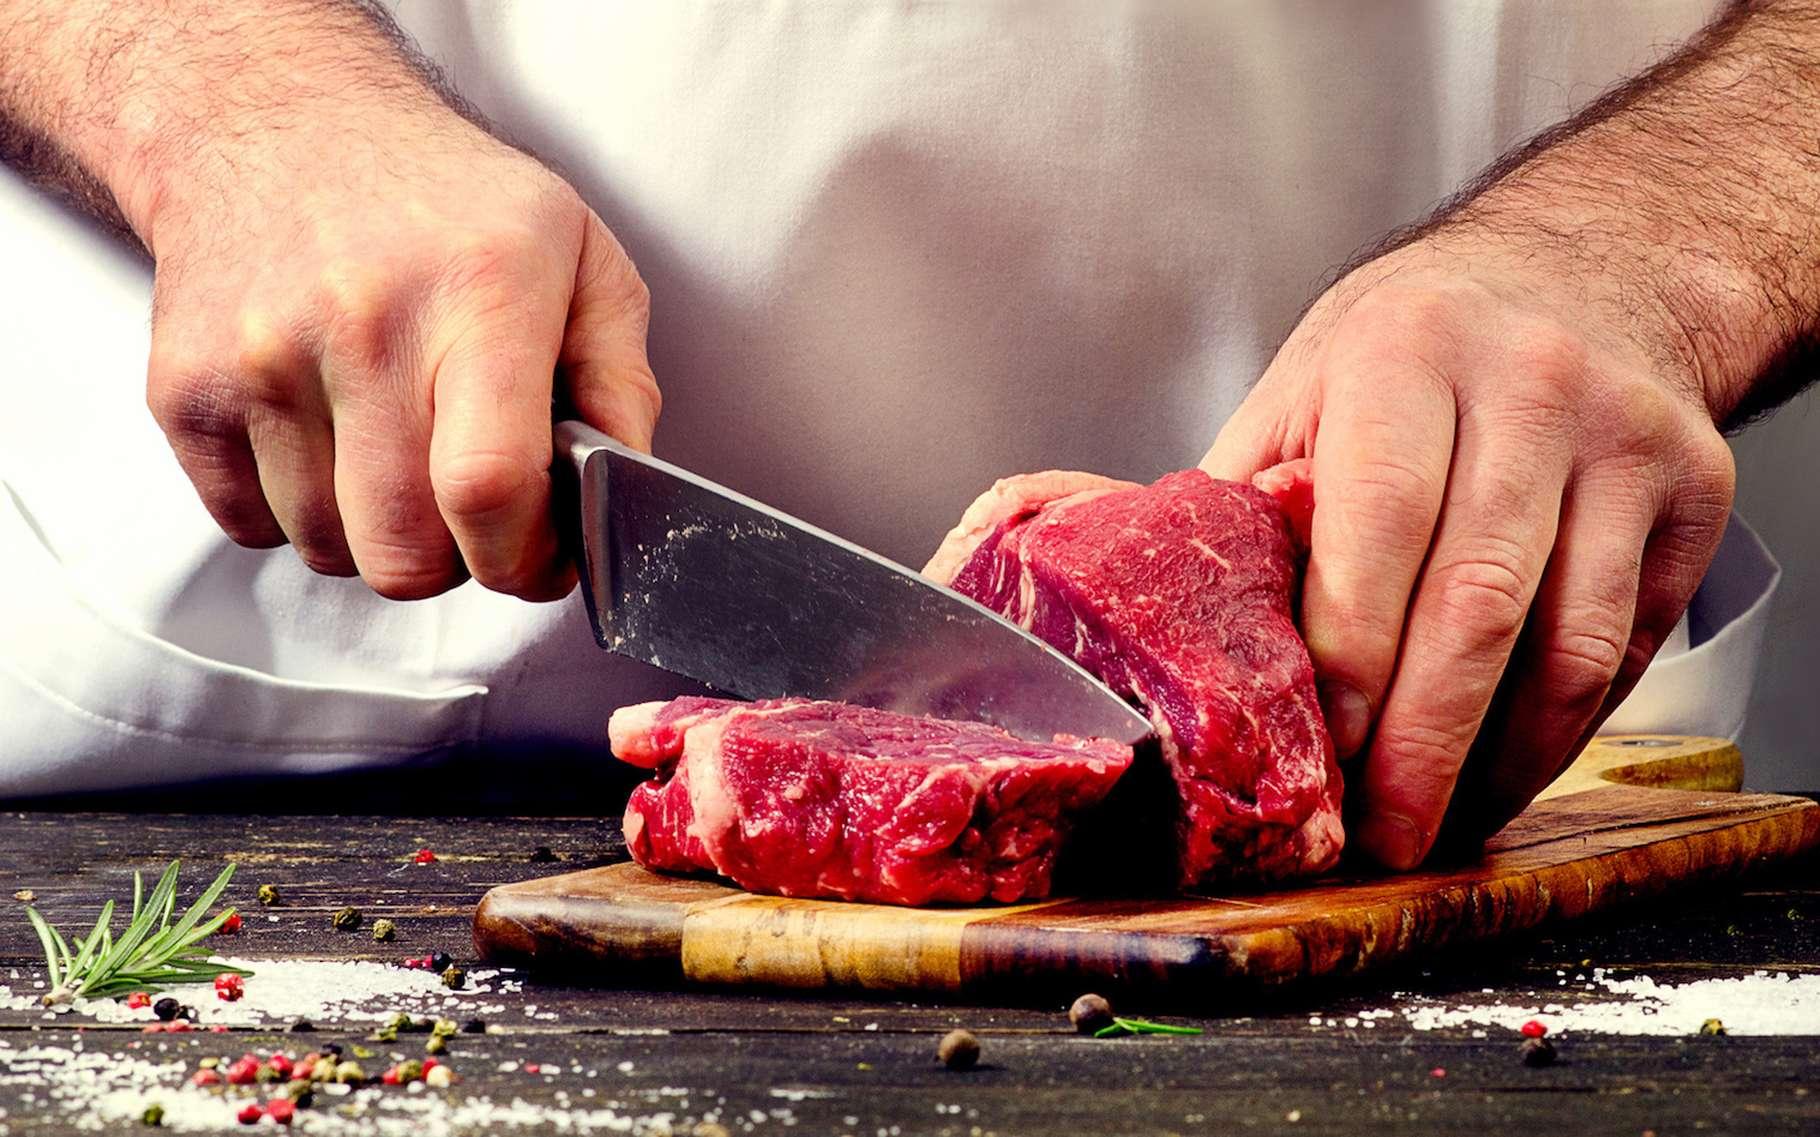 En septembre 2018, James Cole, un archéologue de l'université de Brighton (Royaume-Uni), s'est vu décerner un prix IgNobel. Ses travaux nous révèlent que nutritionnellement parlant, la viande humaine ne vaut pas le coup d'être mangée ! © bit24, Fotolia